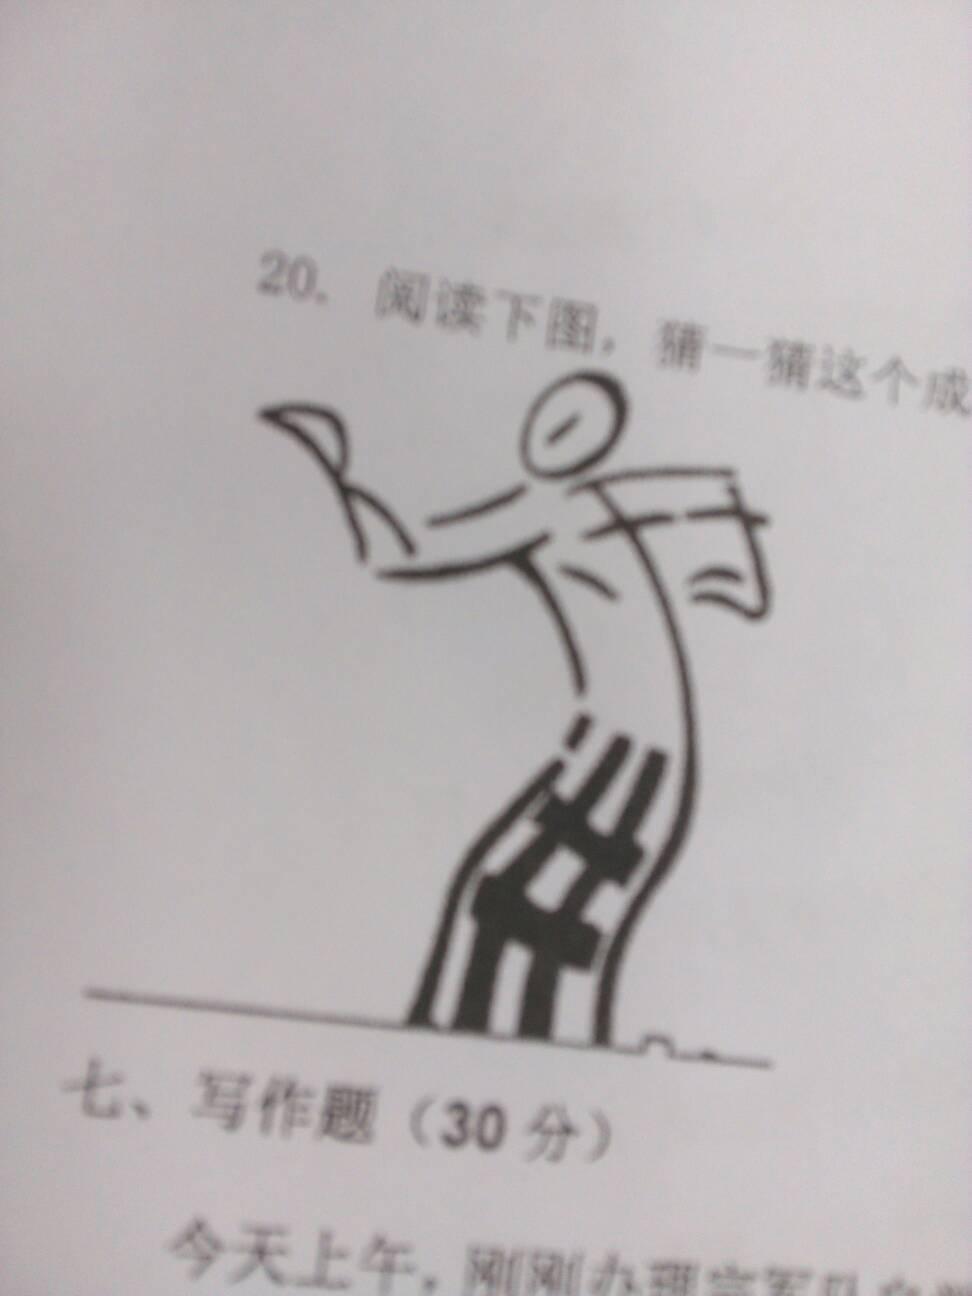 什么绵羊成语_绵羊卡通图片